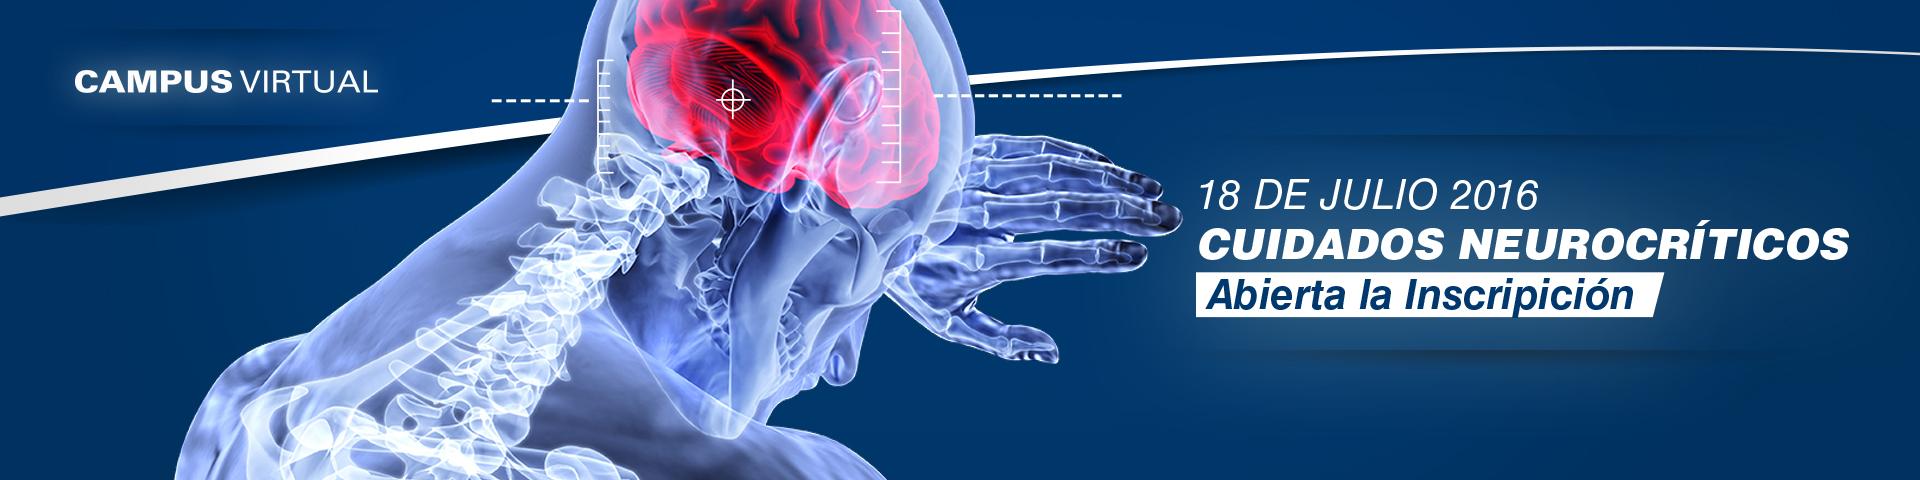 banner cudados neurocriticos